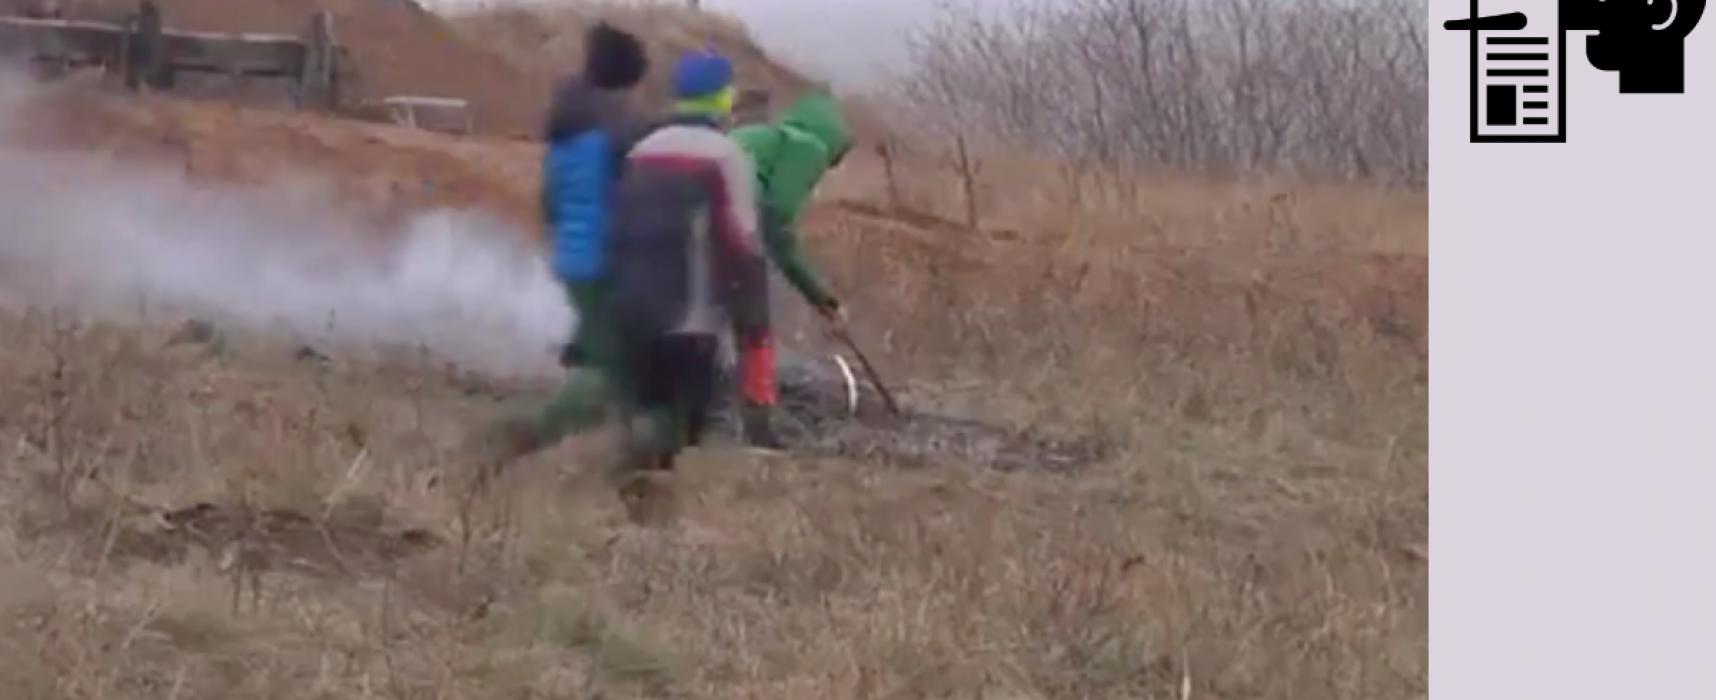 Фейк: детей выгнали рыть окопы в Мариуполе